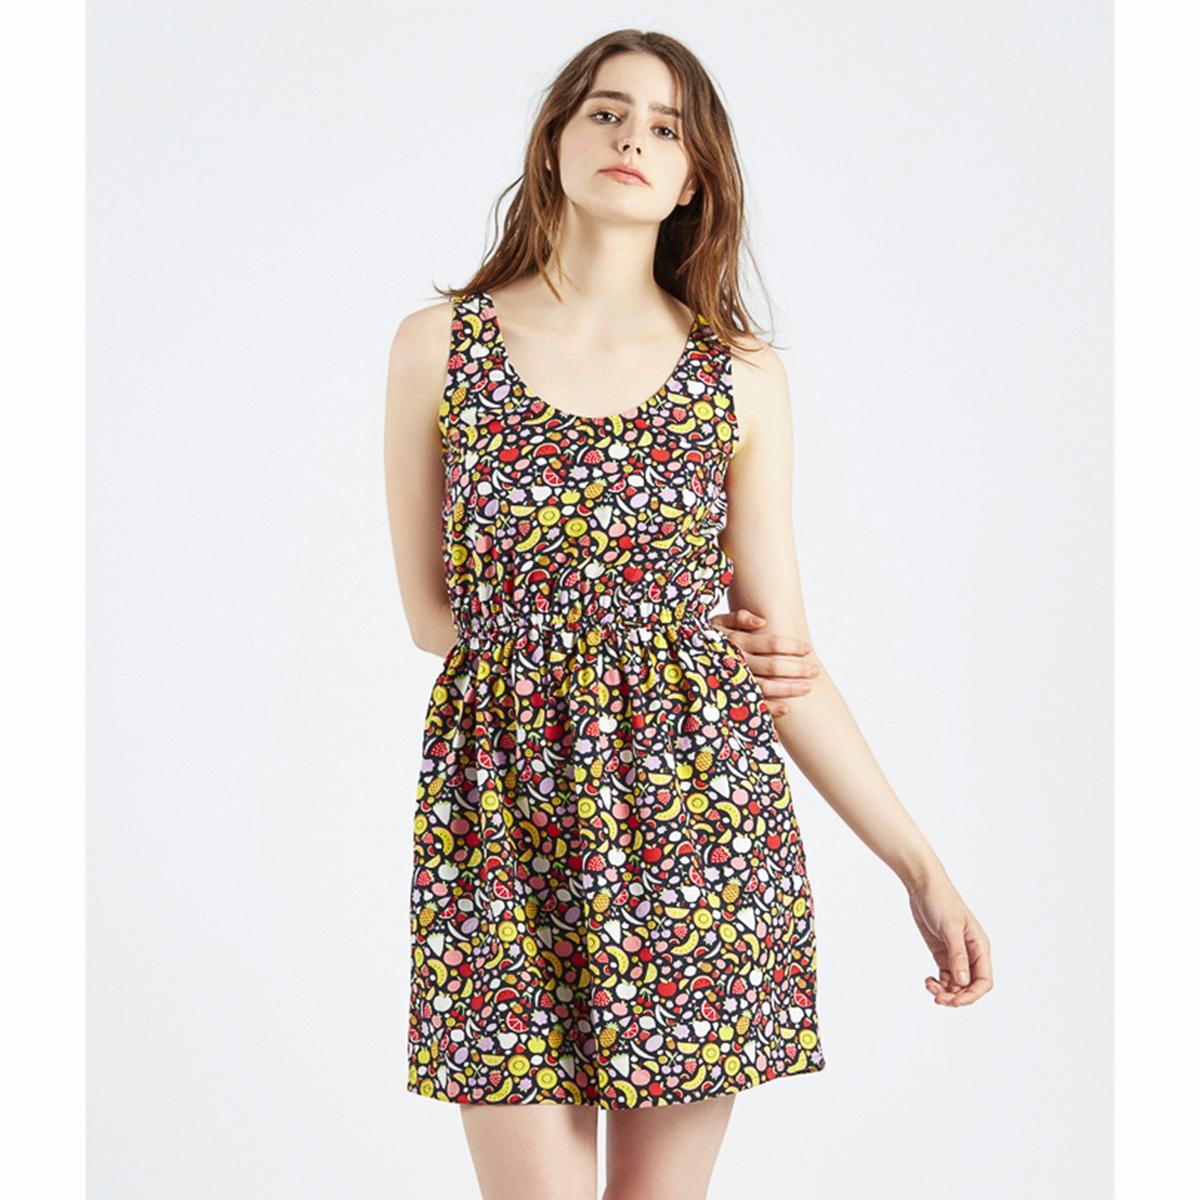 Платье с рисунком фрукты Vestido EcbertПлатье Vestido Ecbert : Летнее платье с рисунком фрукты! Короткое платье без рукавов, закругленный вырез, эластичный пояс со складками. Состав и описаниеМатериал : 100% хлопокМарка : Compania FantasticaМодель :Vestido EcbertУходСледуйте рекомендациям по уходу, указанным на этикетке изделия<br><br>Цвет: черный наб. рисунок<br>Размер: M